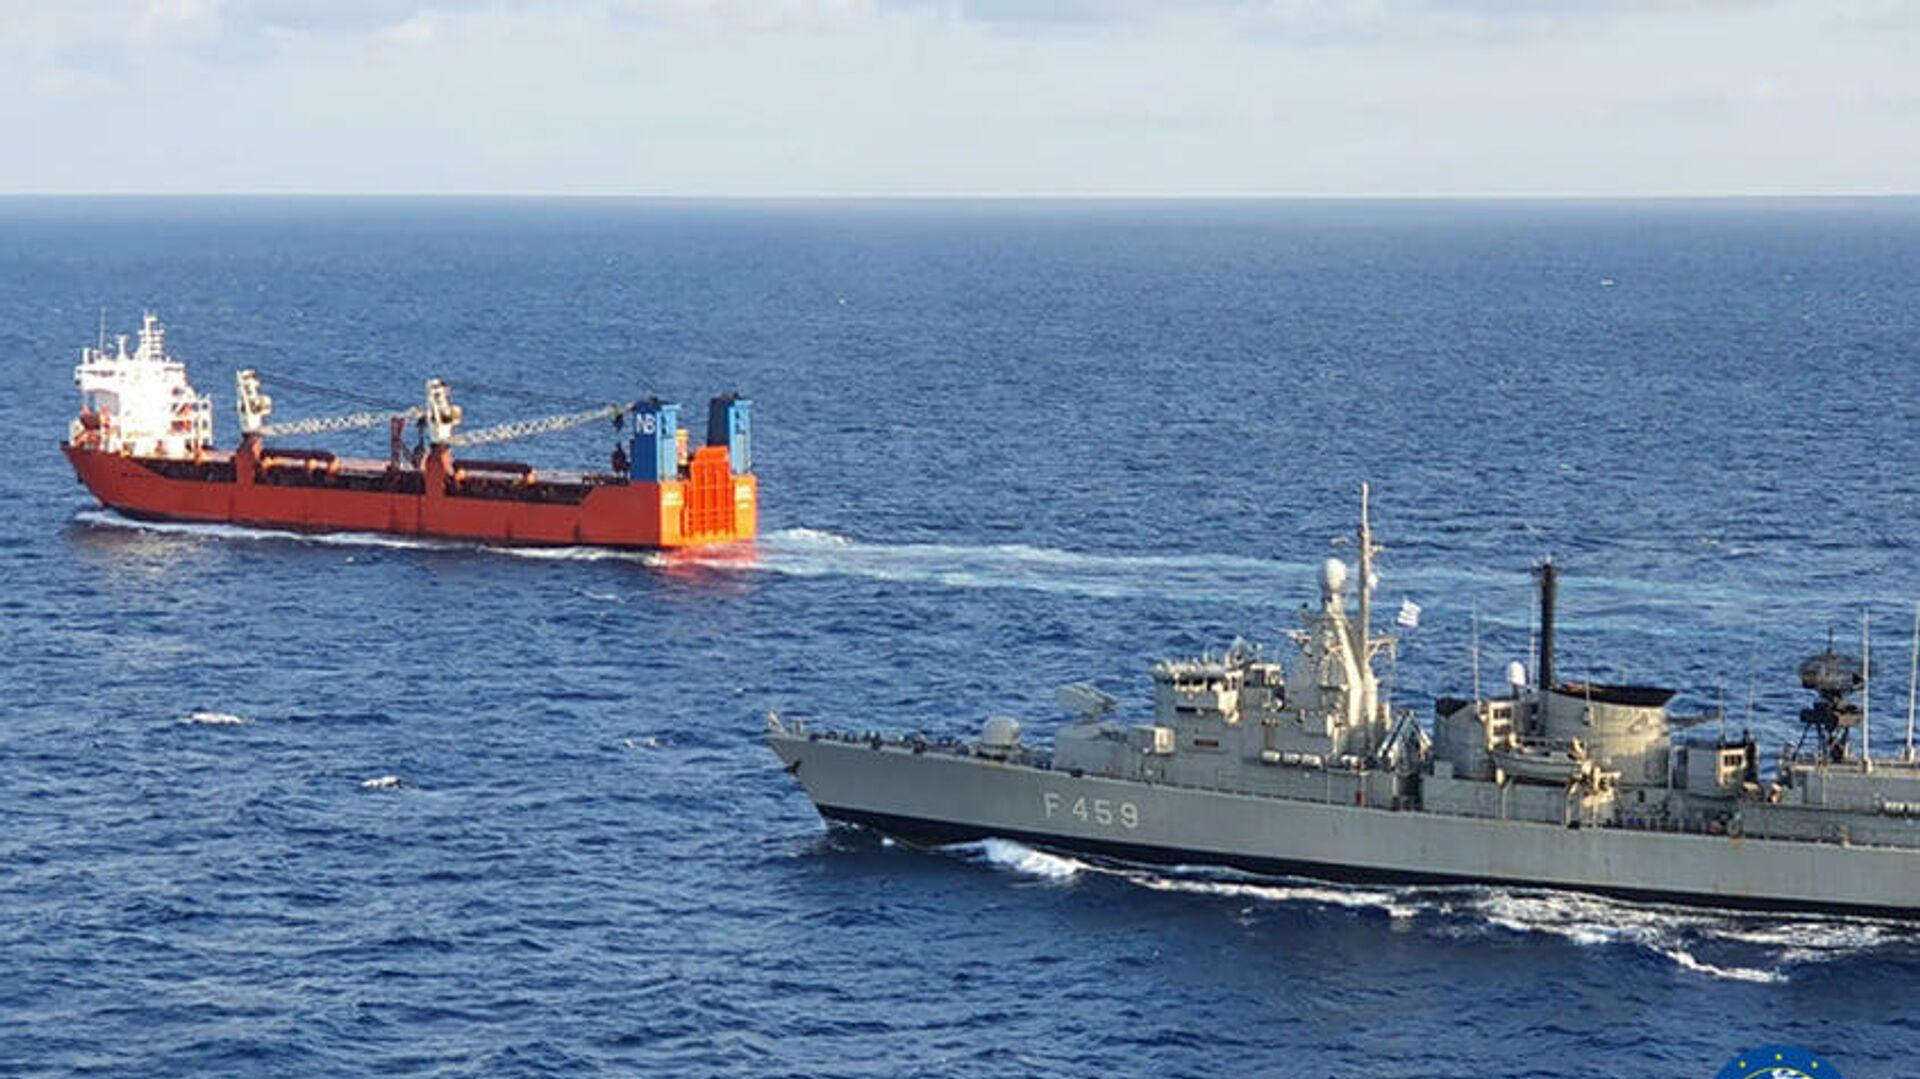 Спецназ Военно-морских сил Греции высадился на российский торговый корабль Адлер в Средиземном море - РИА Новости, 1920, 17.01.2021